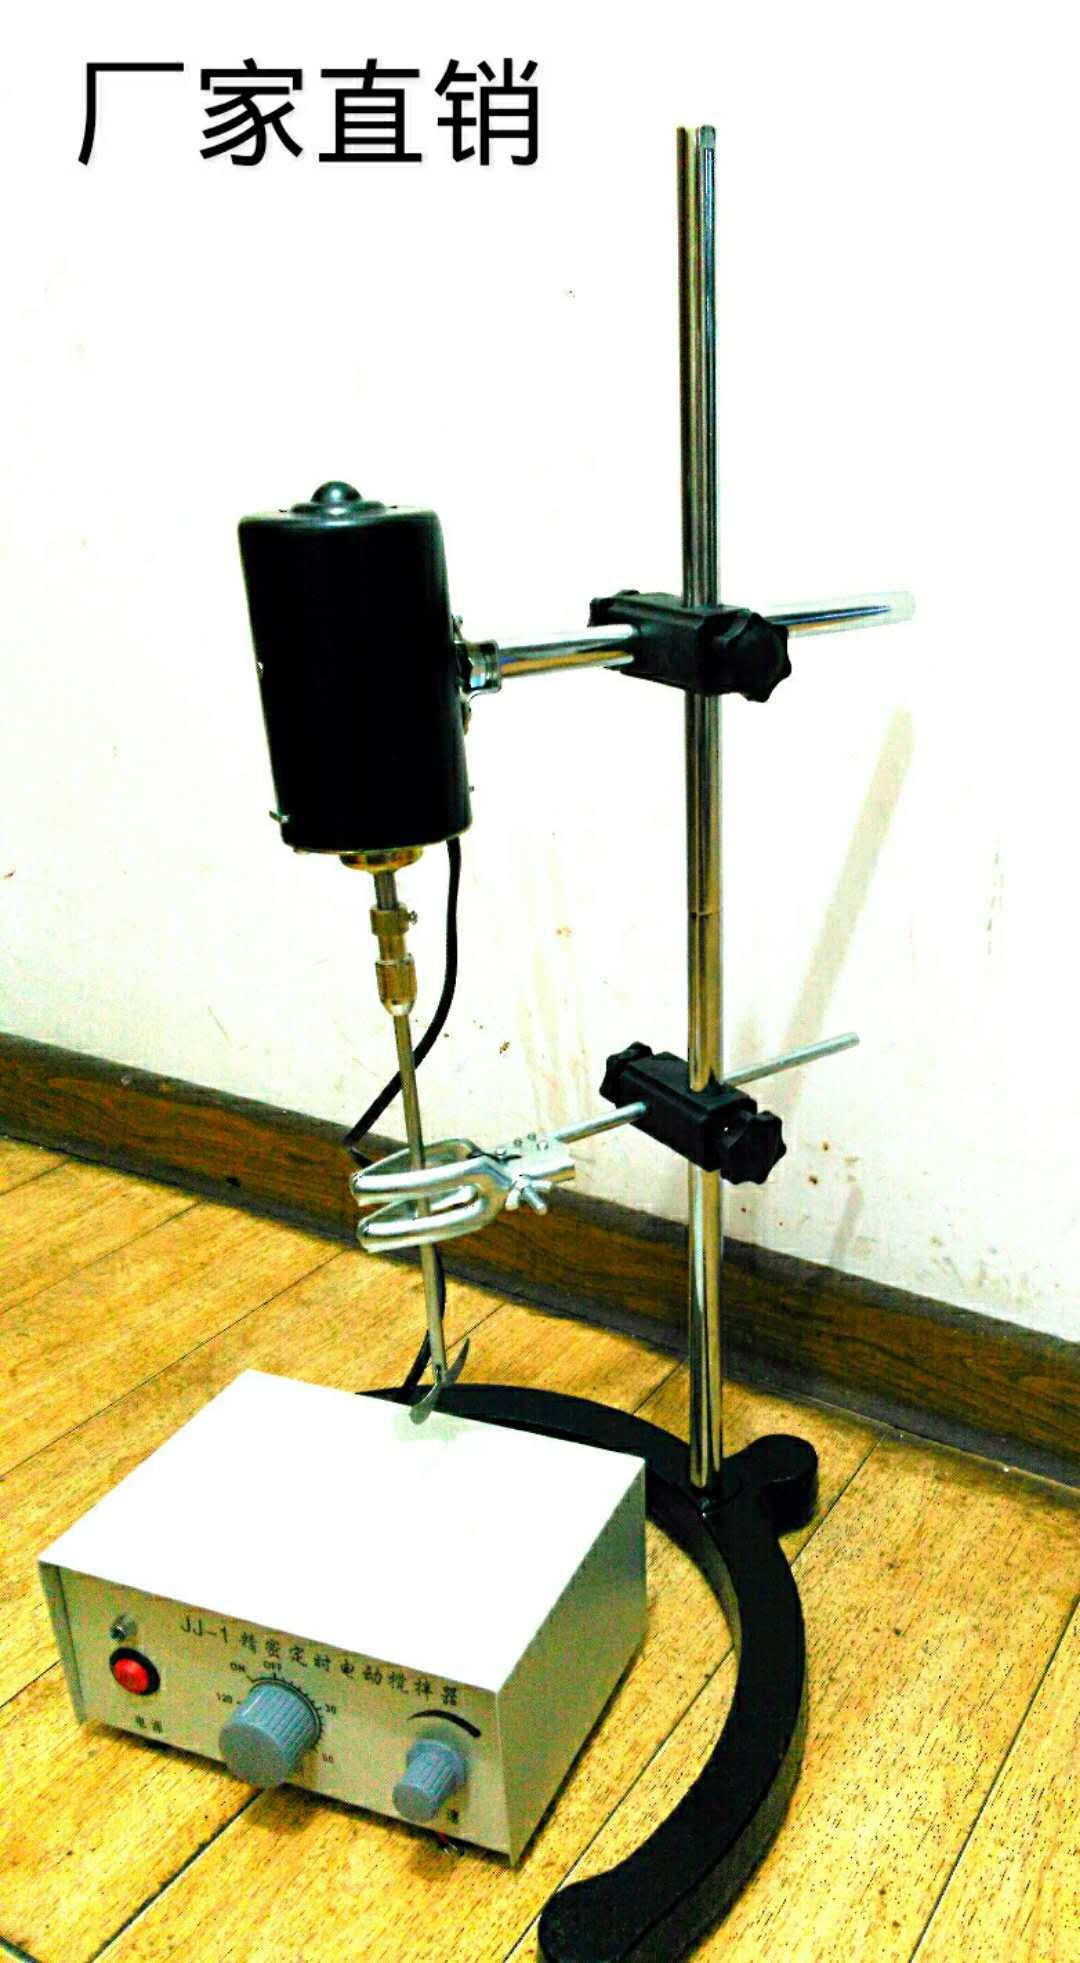 厂家供应精密增力电动搅拌器